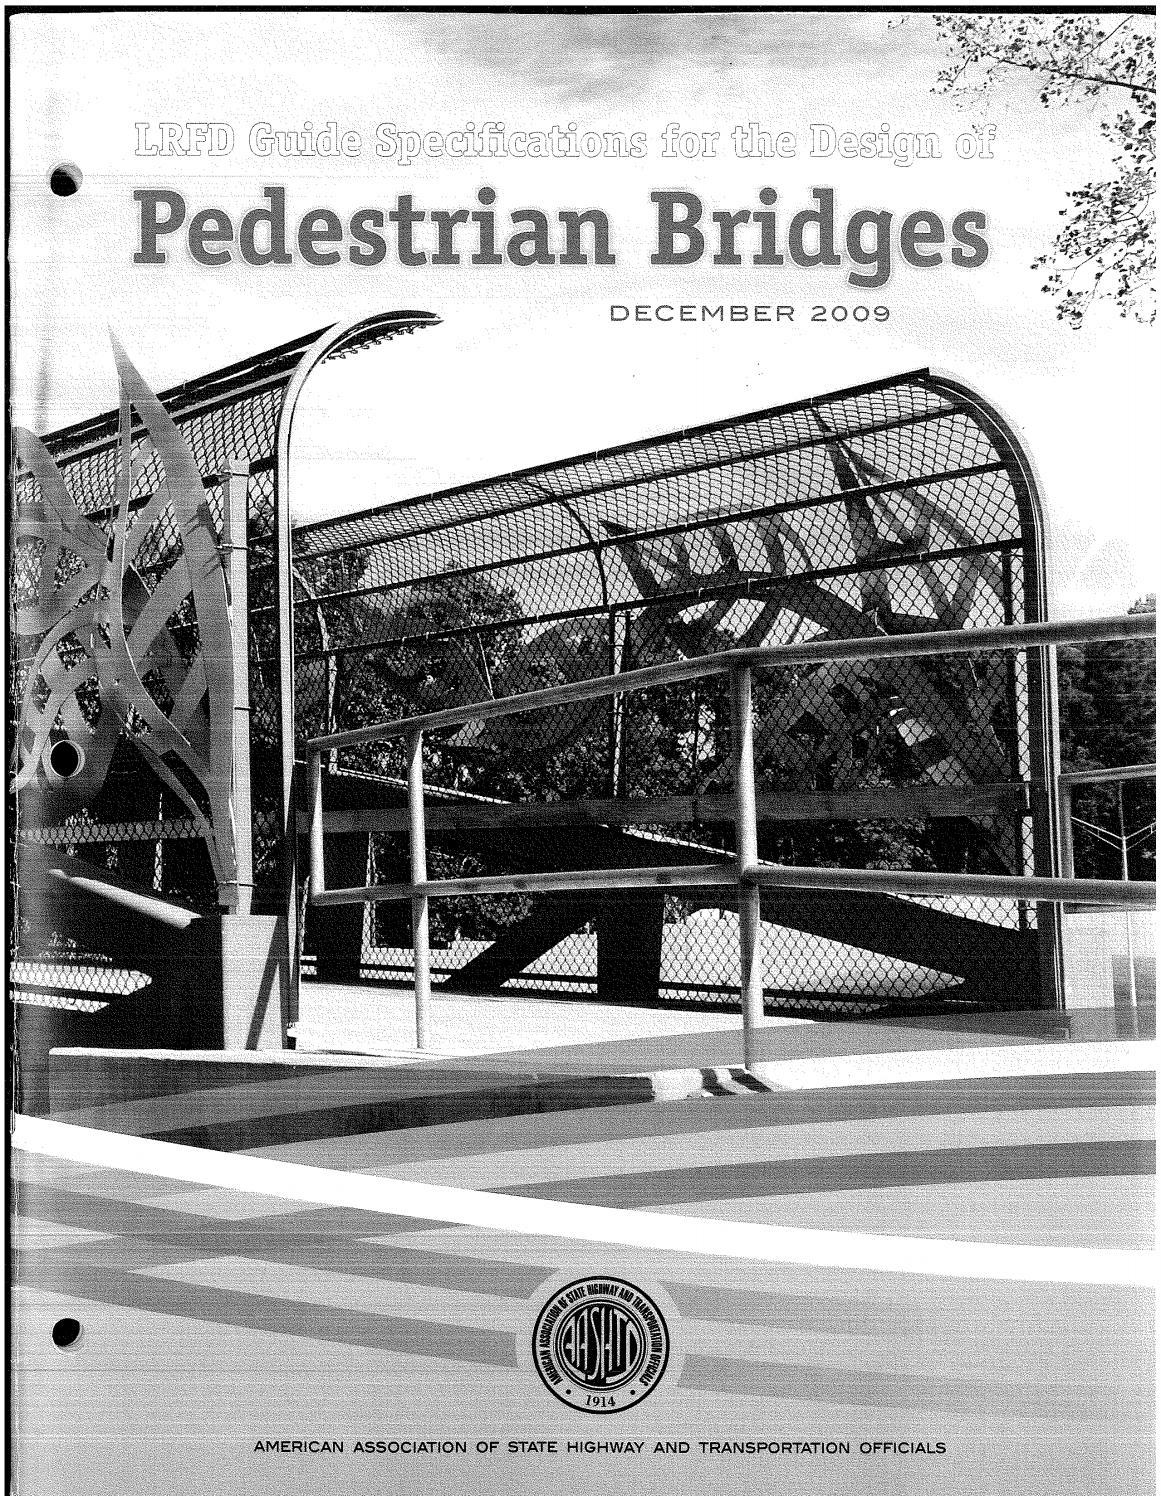 Aashto lrfd guidespecfordesignof pedestrian bridges